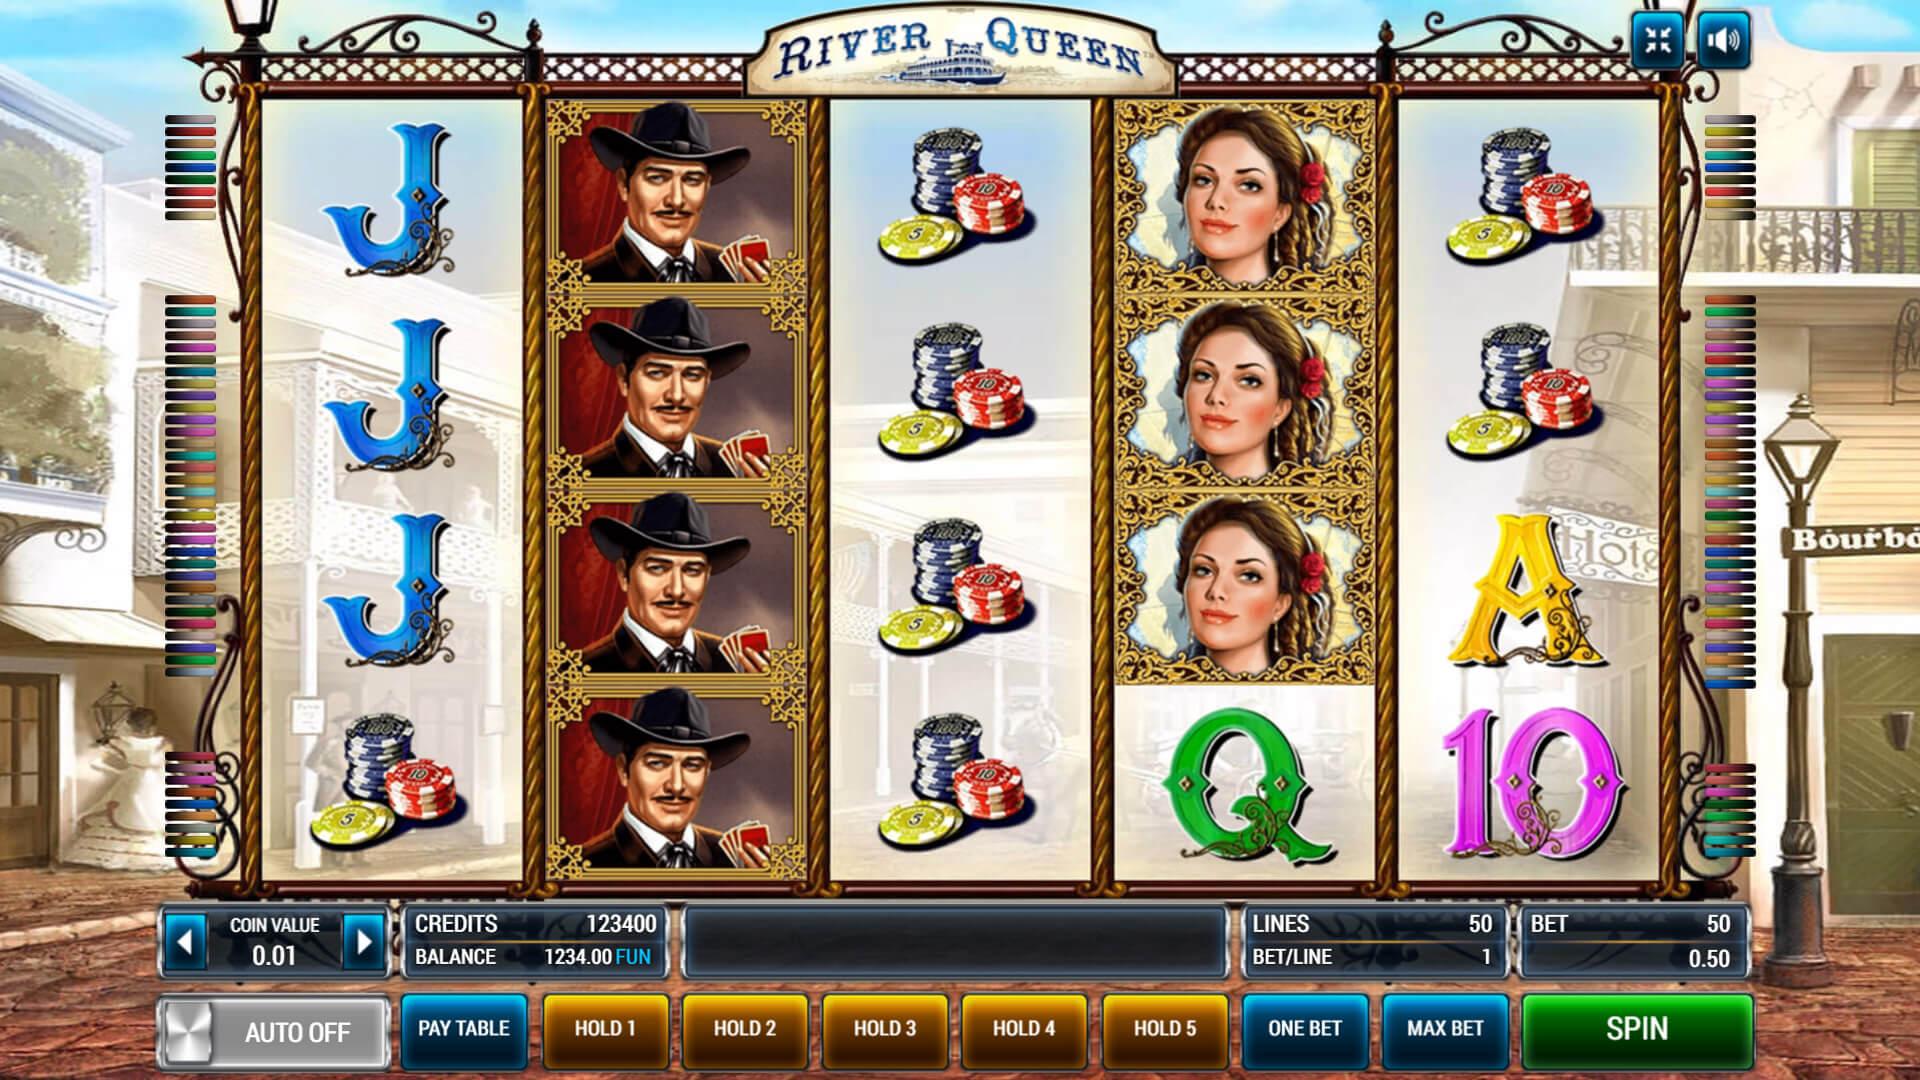 Изображение игрового автомата River Queen 1